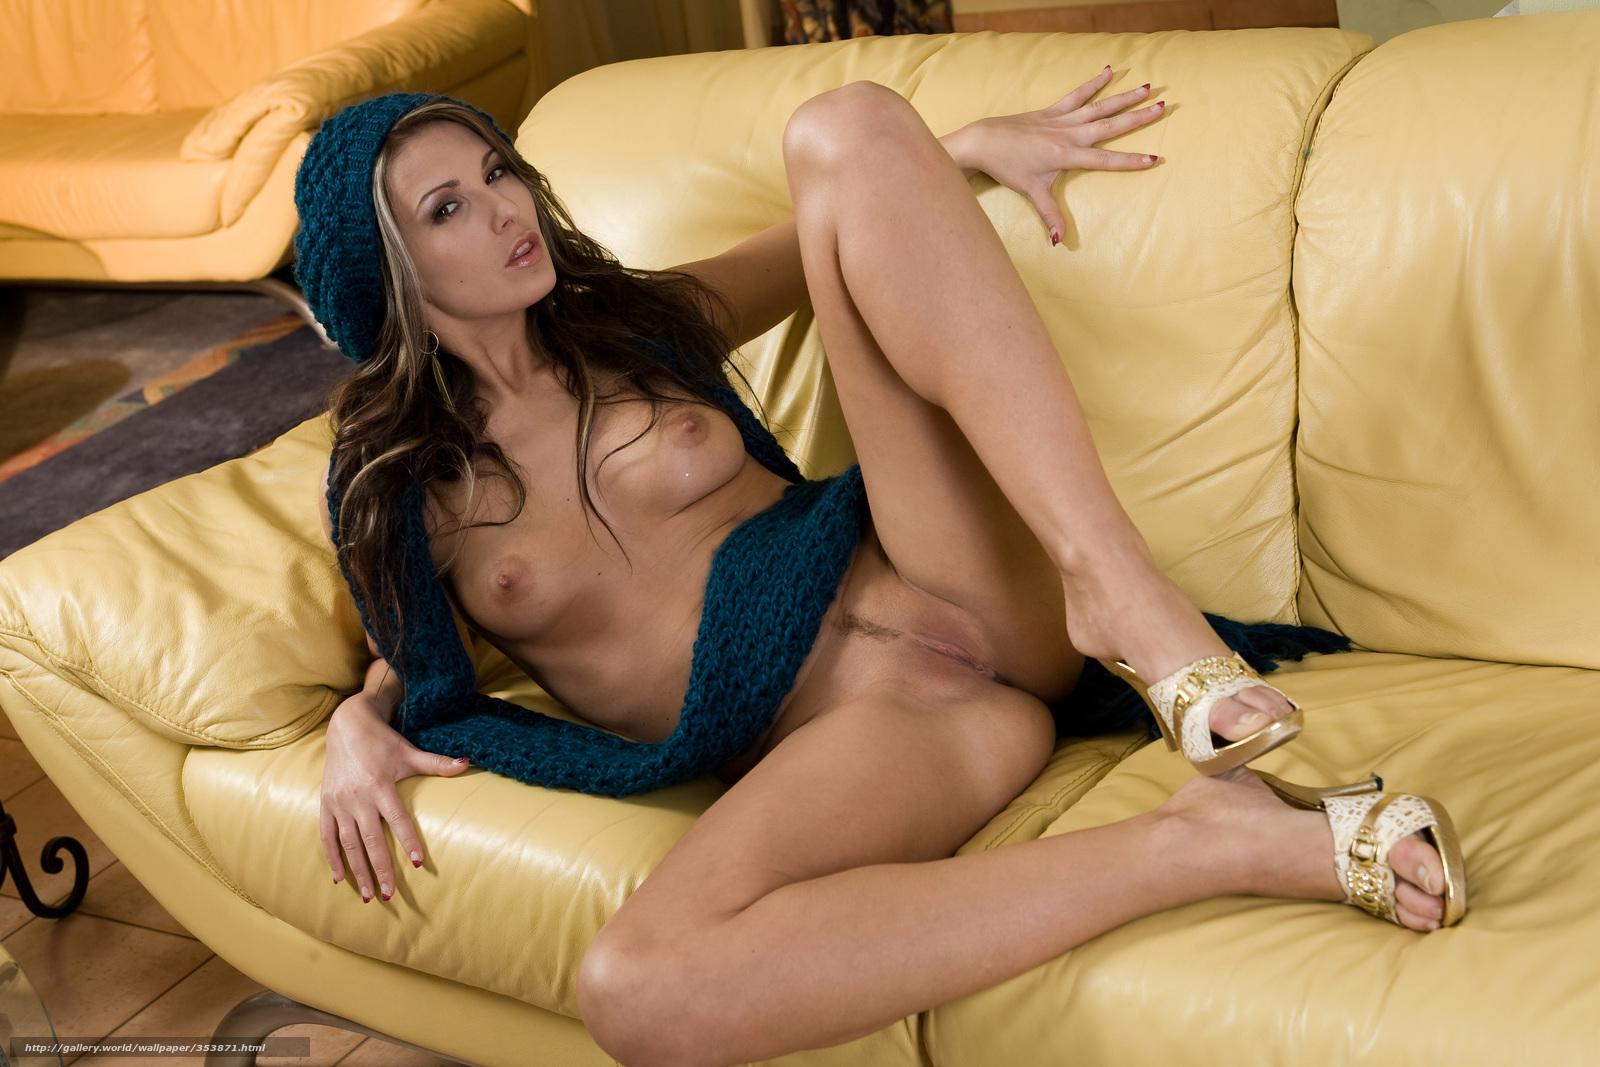 Смотреть фото порно актрисы кристины содески 20 фотография